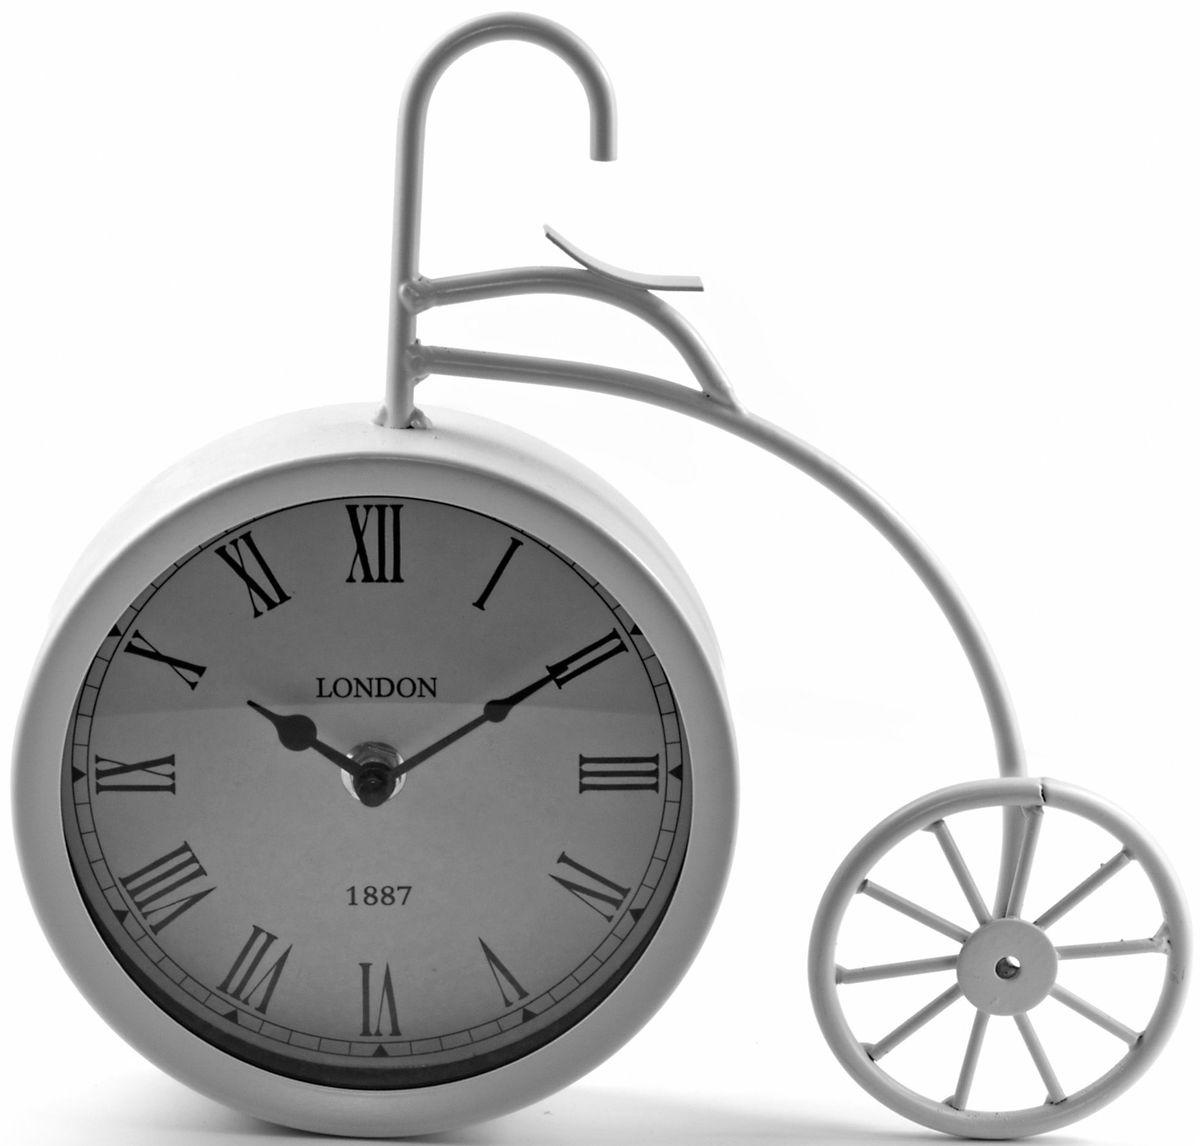 Часы настольные Miralight Велосипед, цвет: белыйML-5379 White Часы настольные Велосипед белый большойНастольные часы Miralight Велосипед, изготовленные из металла, прекрасно украсят интерьер вашего помещения. Часы выполнены в виде старинного двухколесного велосипеда. Циферблат круглой формы имеет две стилизованные фигурные стрелки: часовую и минутную и элегантные римские цифры. Питание осуществляется от одной батарейки типа АА (не входит в комплект).Оформите свой дом таким интерьерным аксессуаром или преподнесите его в качестве презента друзьям, и они оценят ваш оригинальный вкус инеординарность подарка.